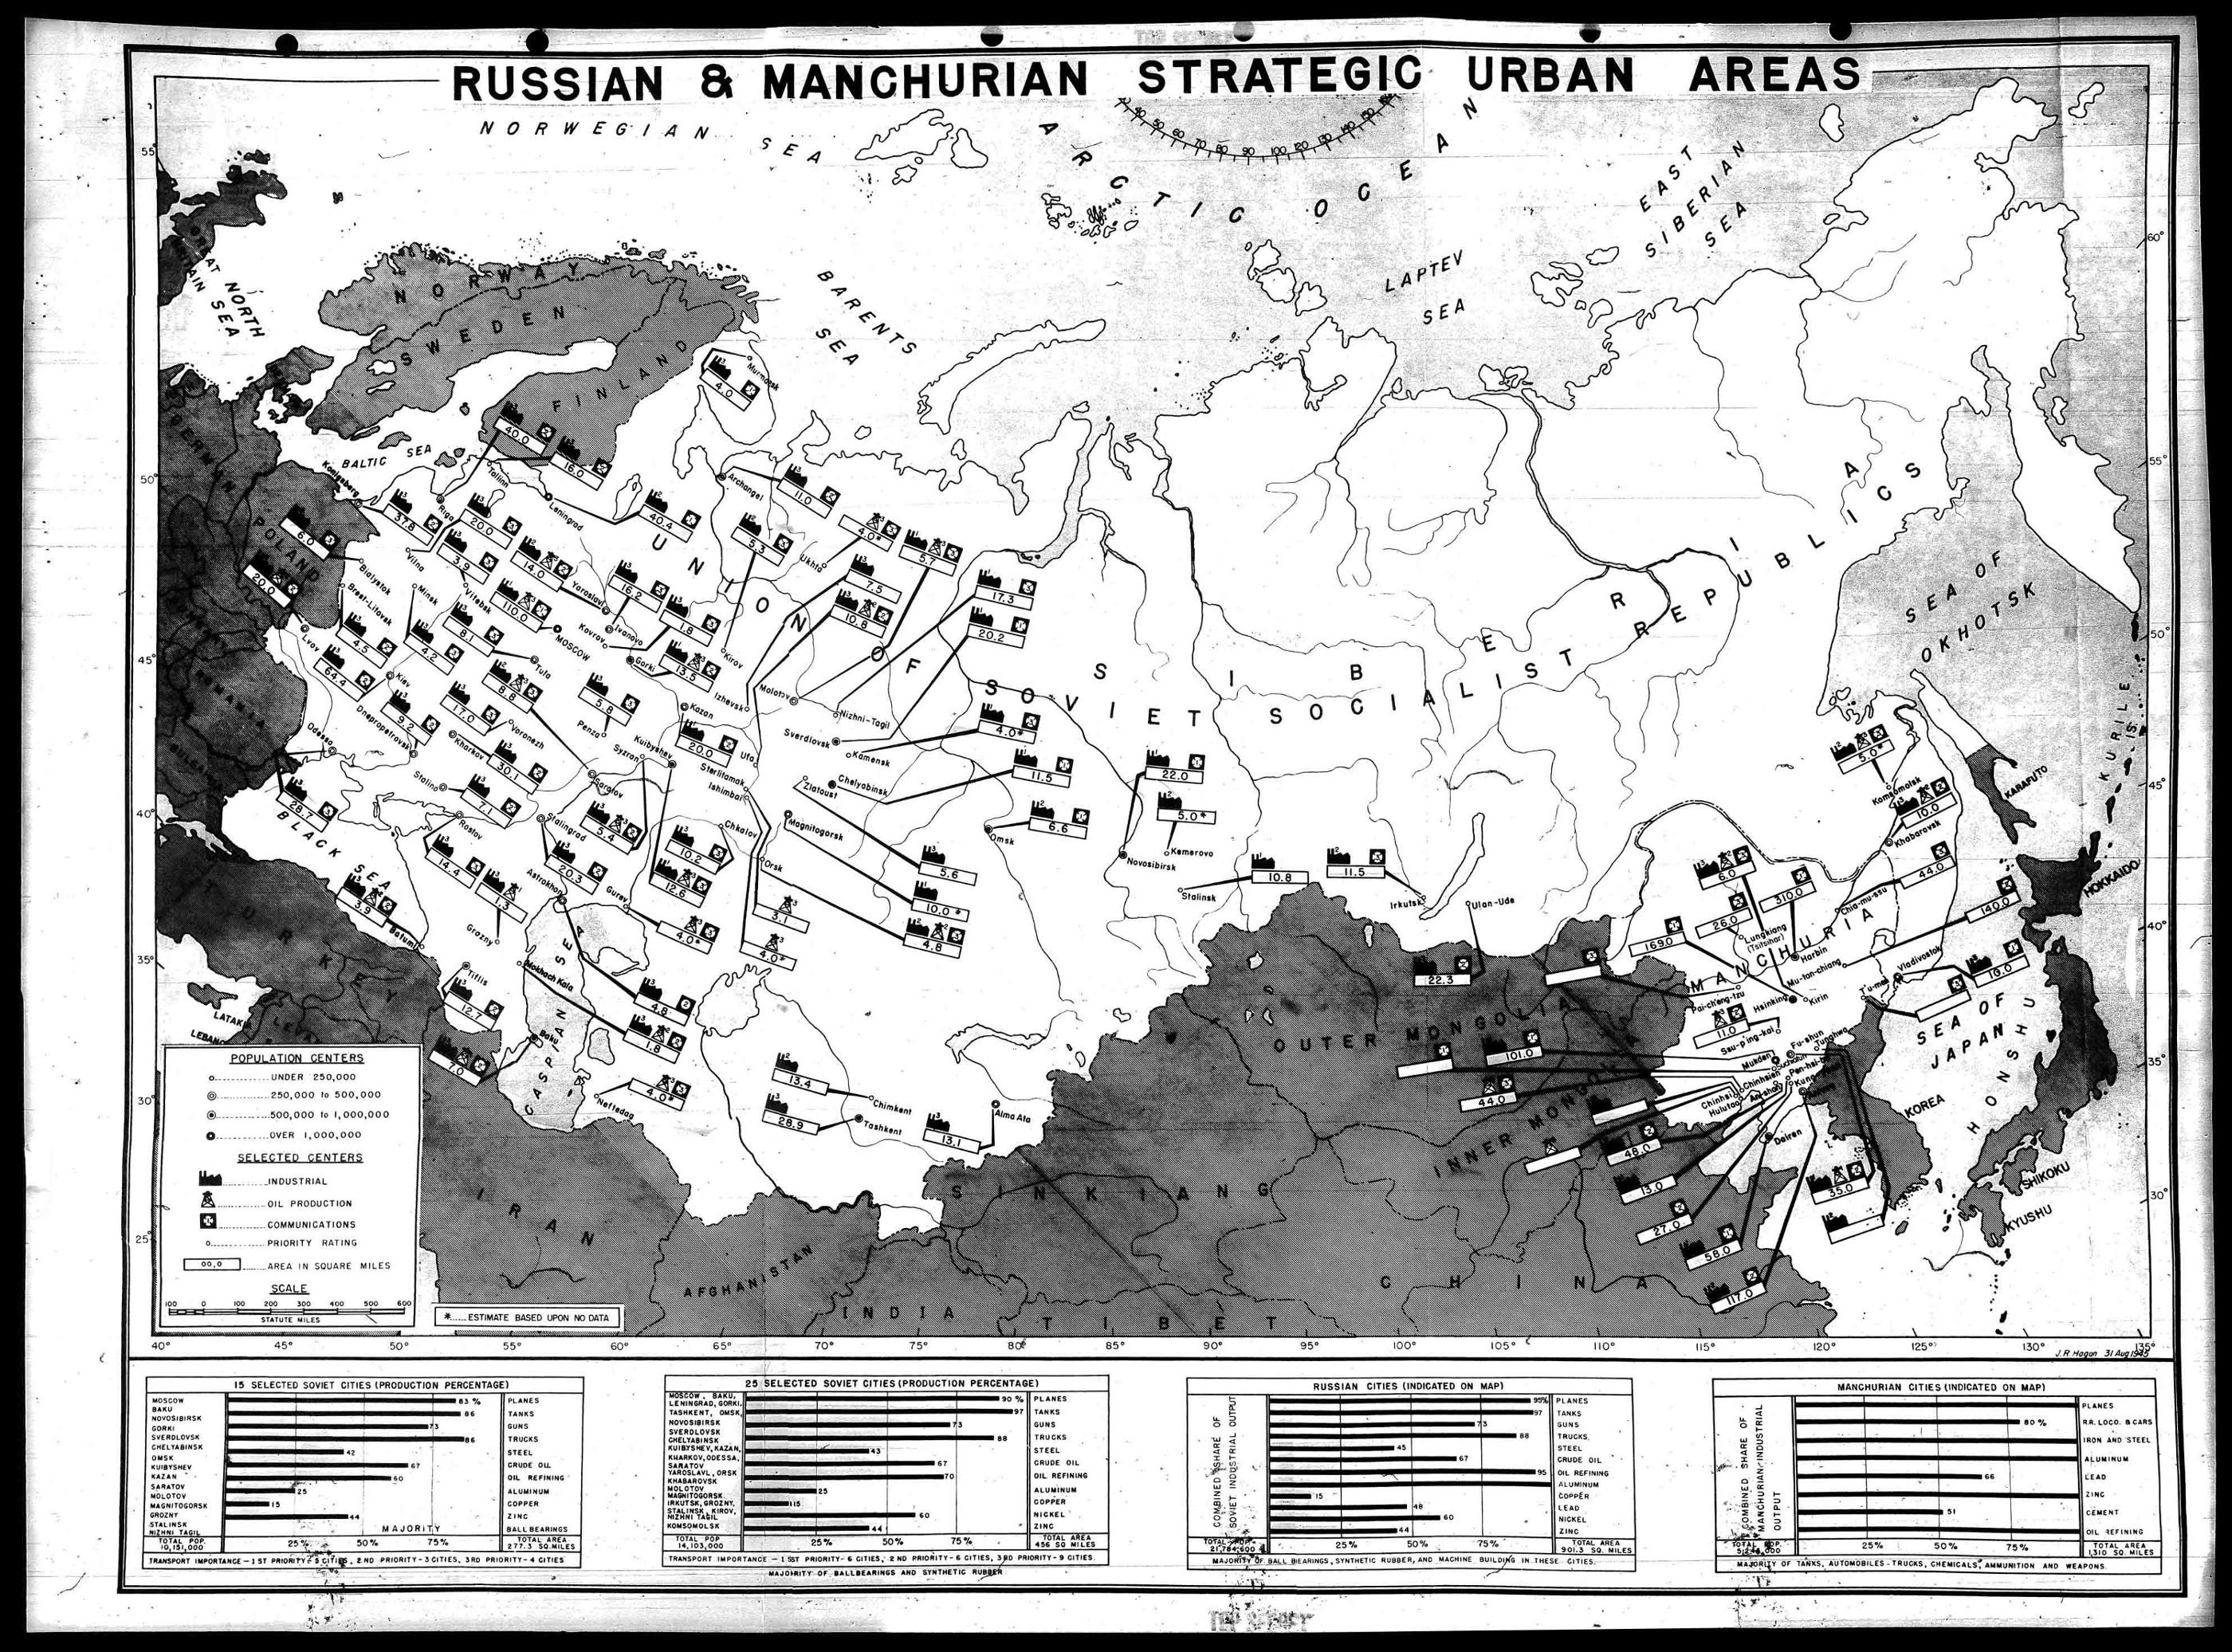 Планы ядерного удара США по территории СССР (Дропшот)